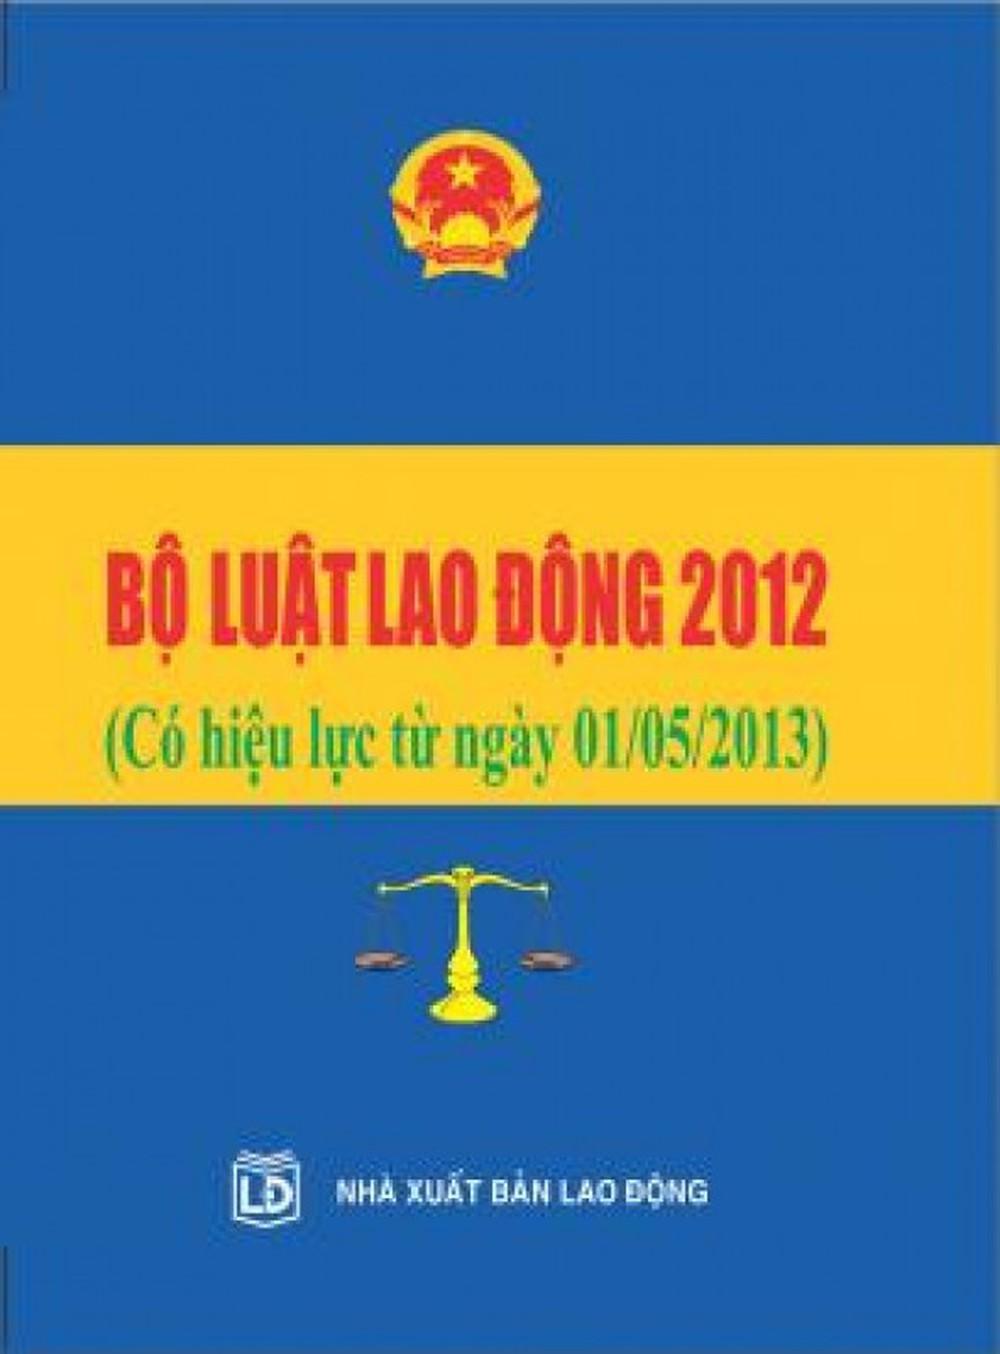 Luật lao động số 10/2012/QH13